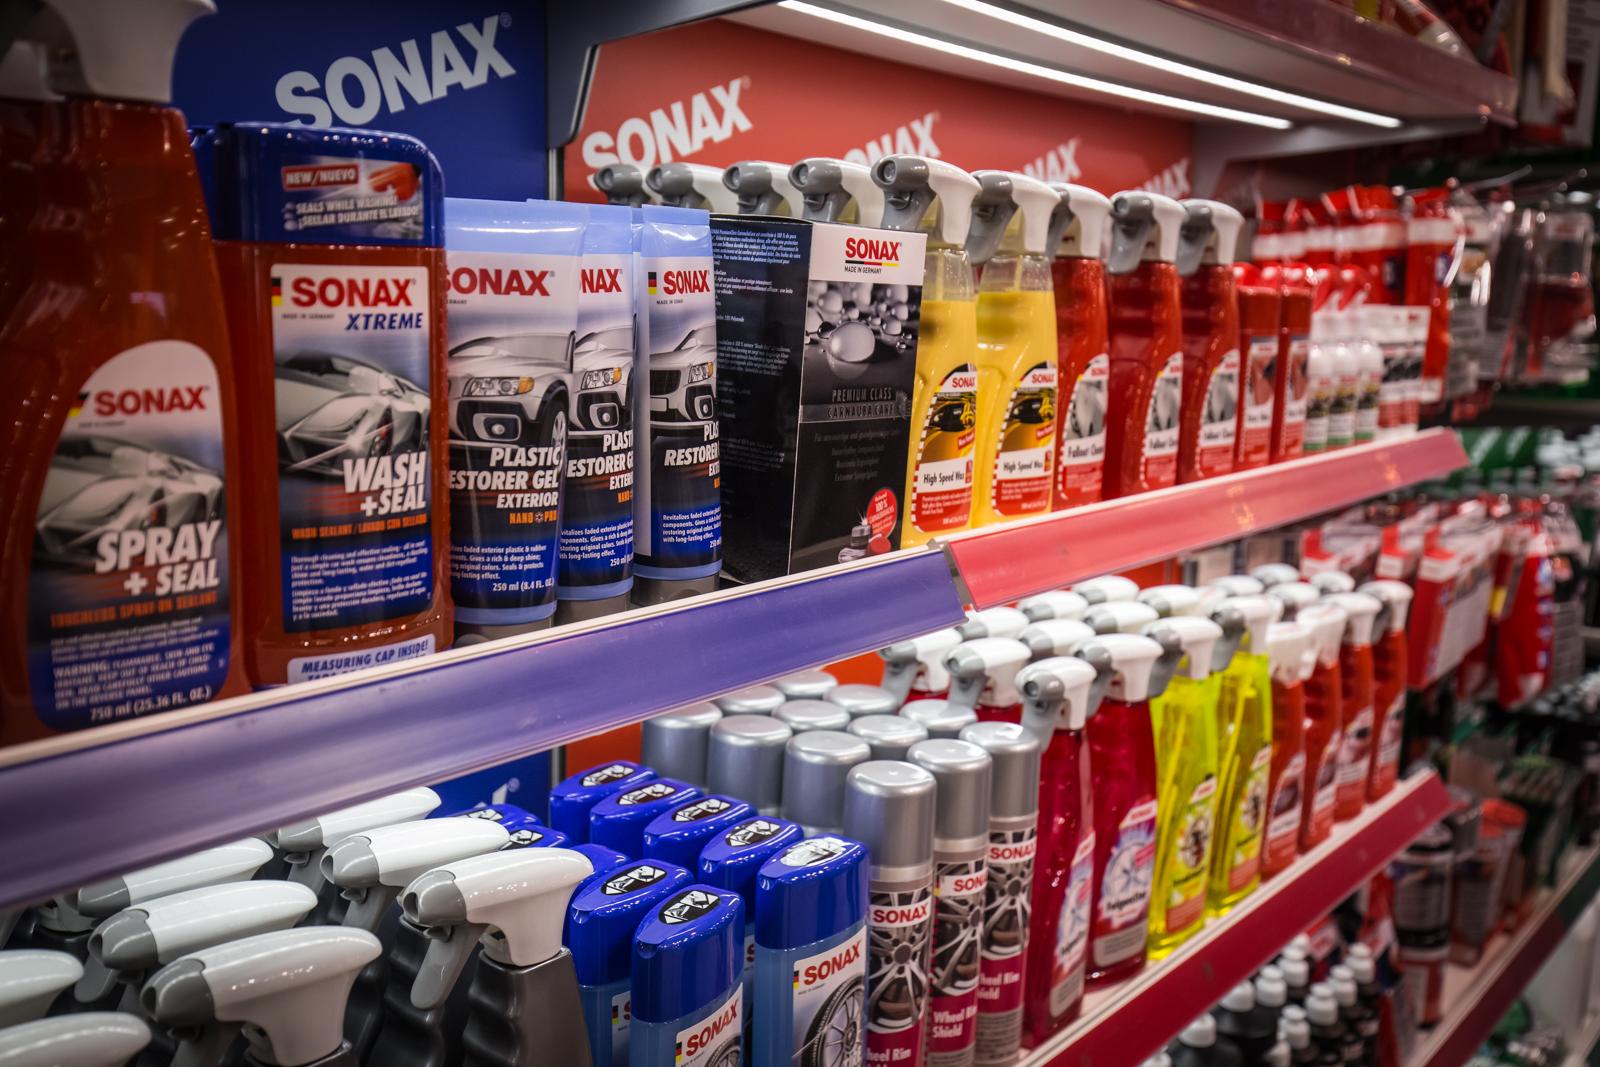 A SONAX minden terméke megtalálható az USA piacán is